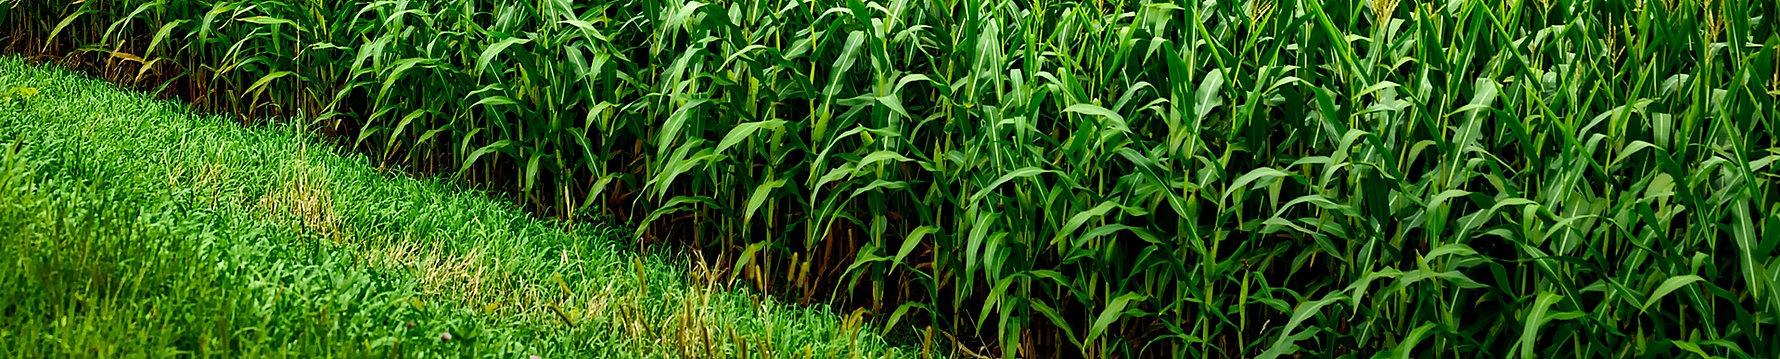 I fitofarmaci quindi, denominati anche prodotti fitosanitari o agrofarmaci sono tutti quei prodotti, di sintesi o naturali, che vengono utilizzati per combattere le principali avversità delle piante quali malattie infettive, fisiopatie, parassiti e fitofagi animali, piante infestanti.